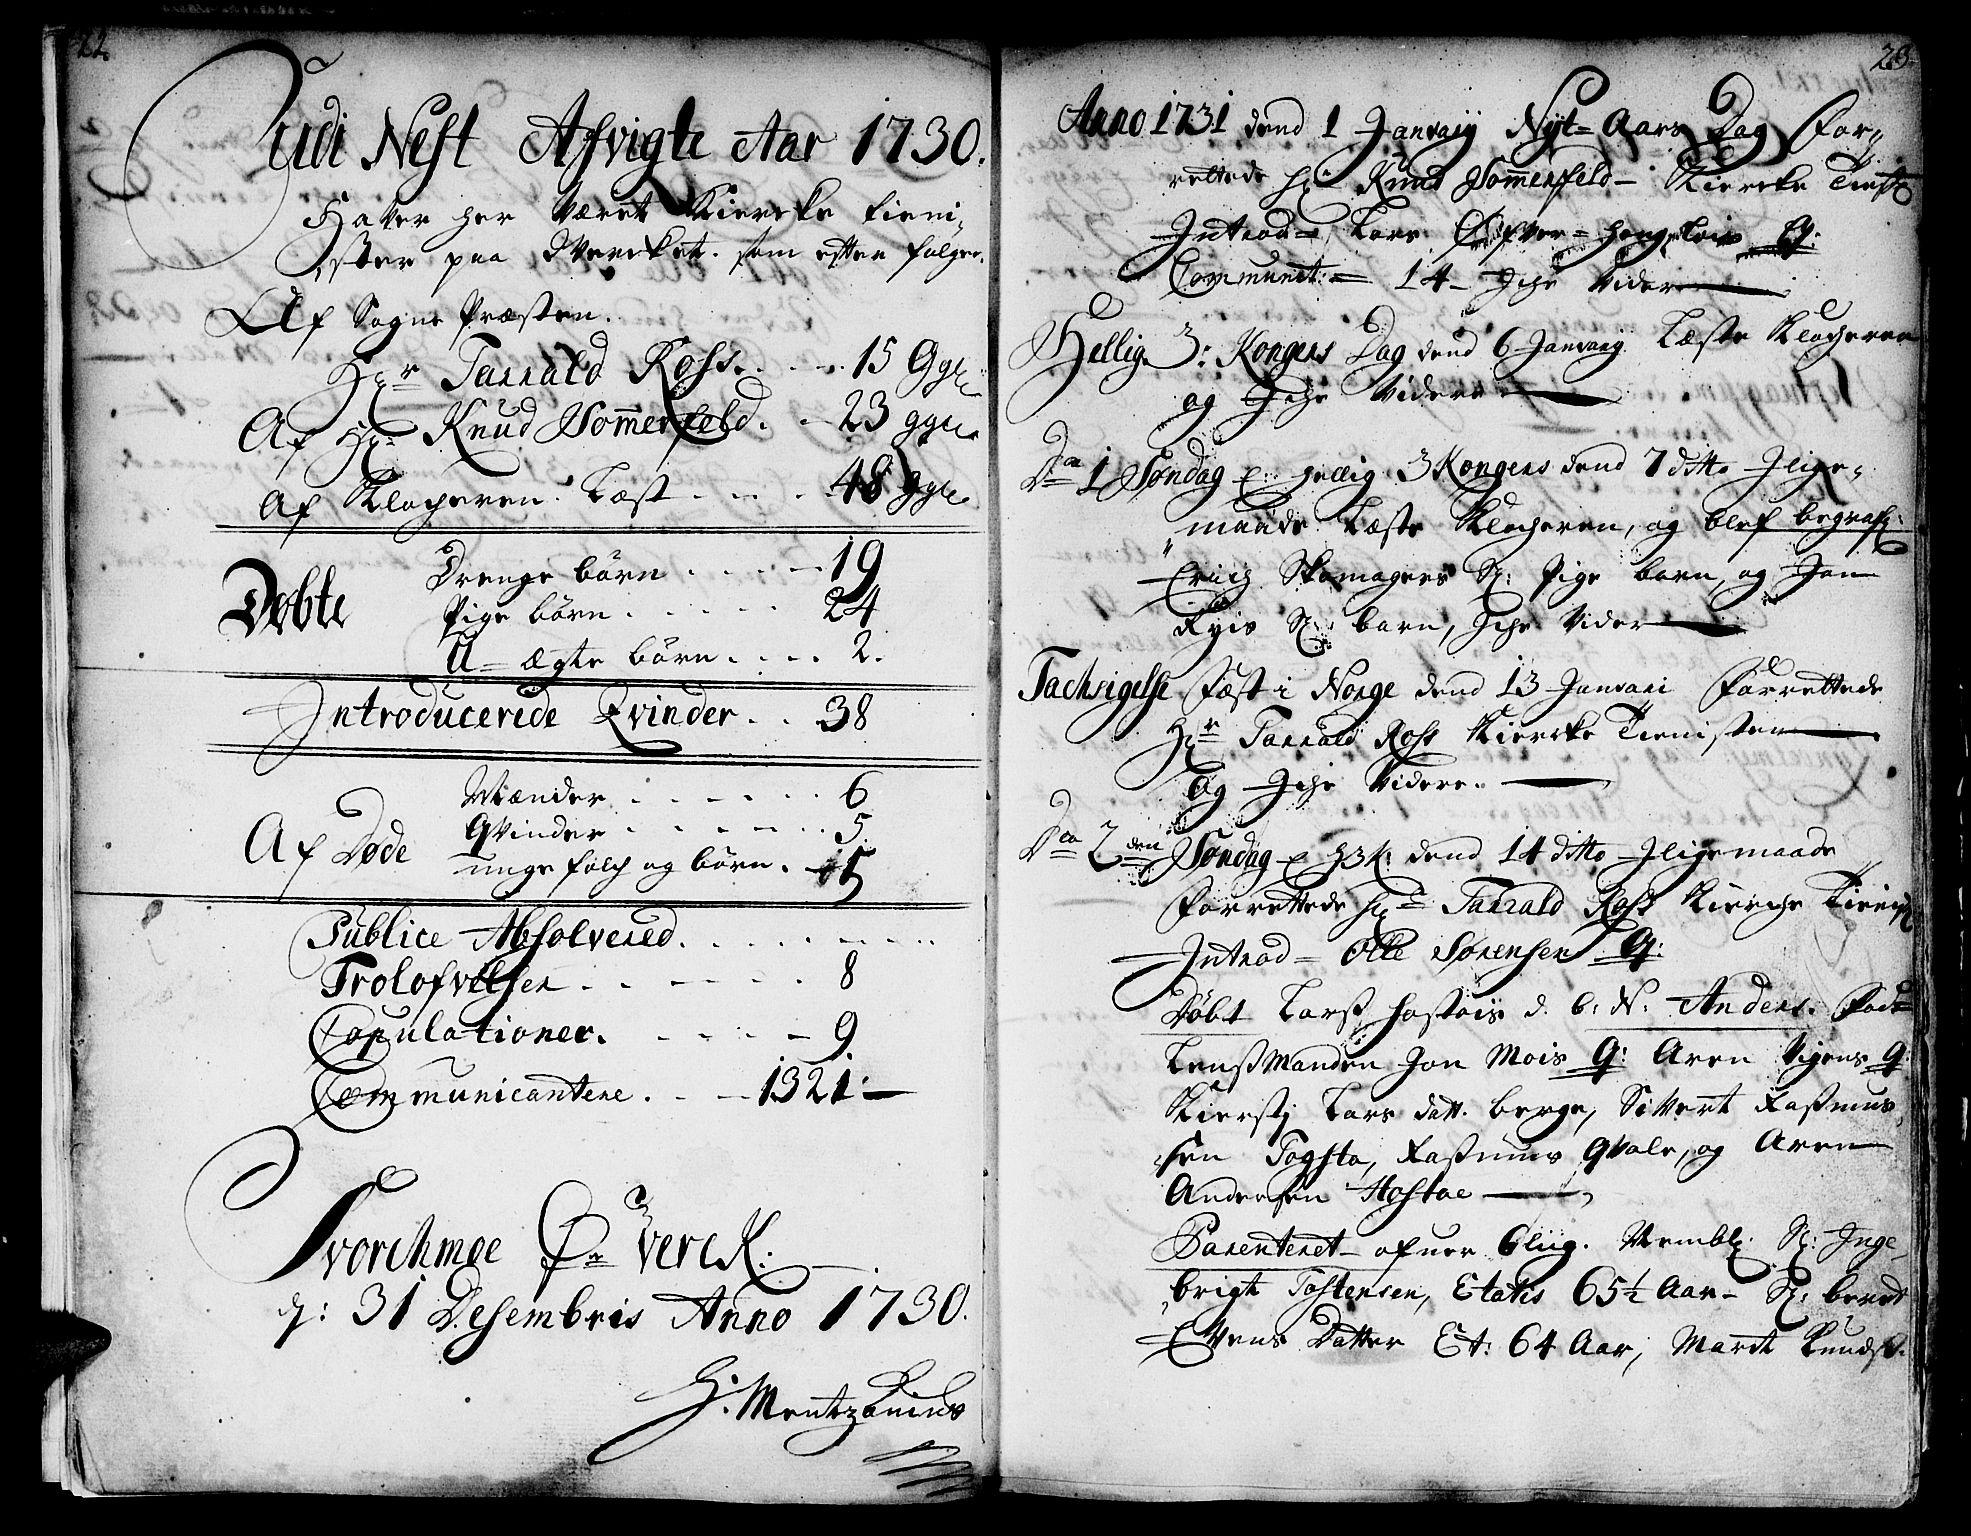 SAT, Ministerialprotokoller, klokkerbøker og fødselsregistre - Sør-Trøndelag, 671/L0839: Ministerialbok nr. 671A01, 1730-1755, s. 22-23